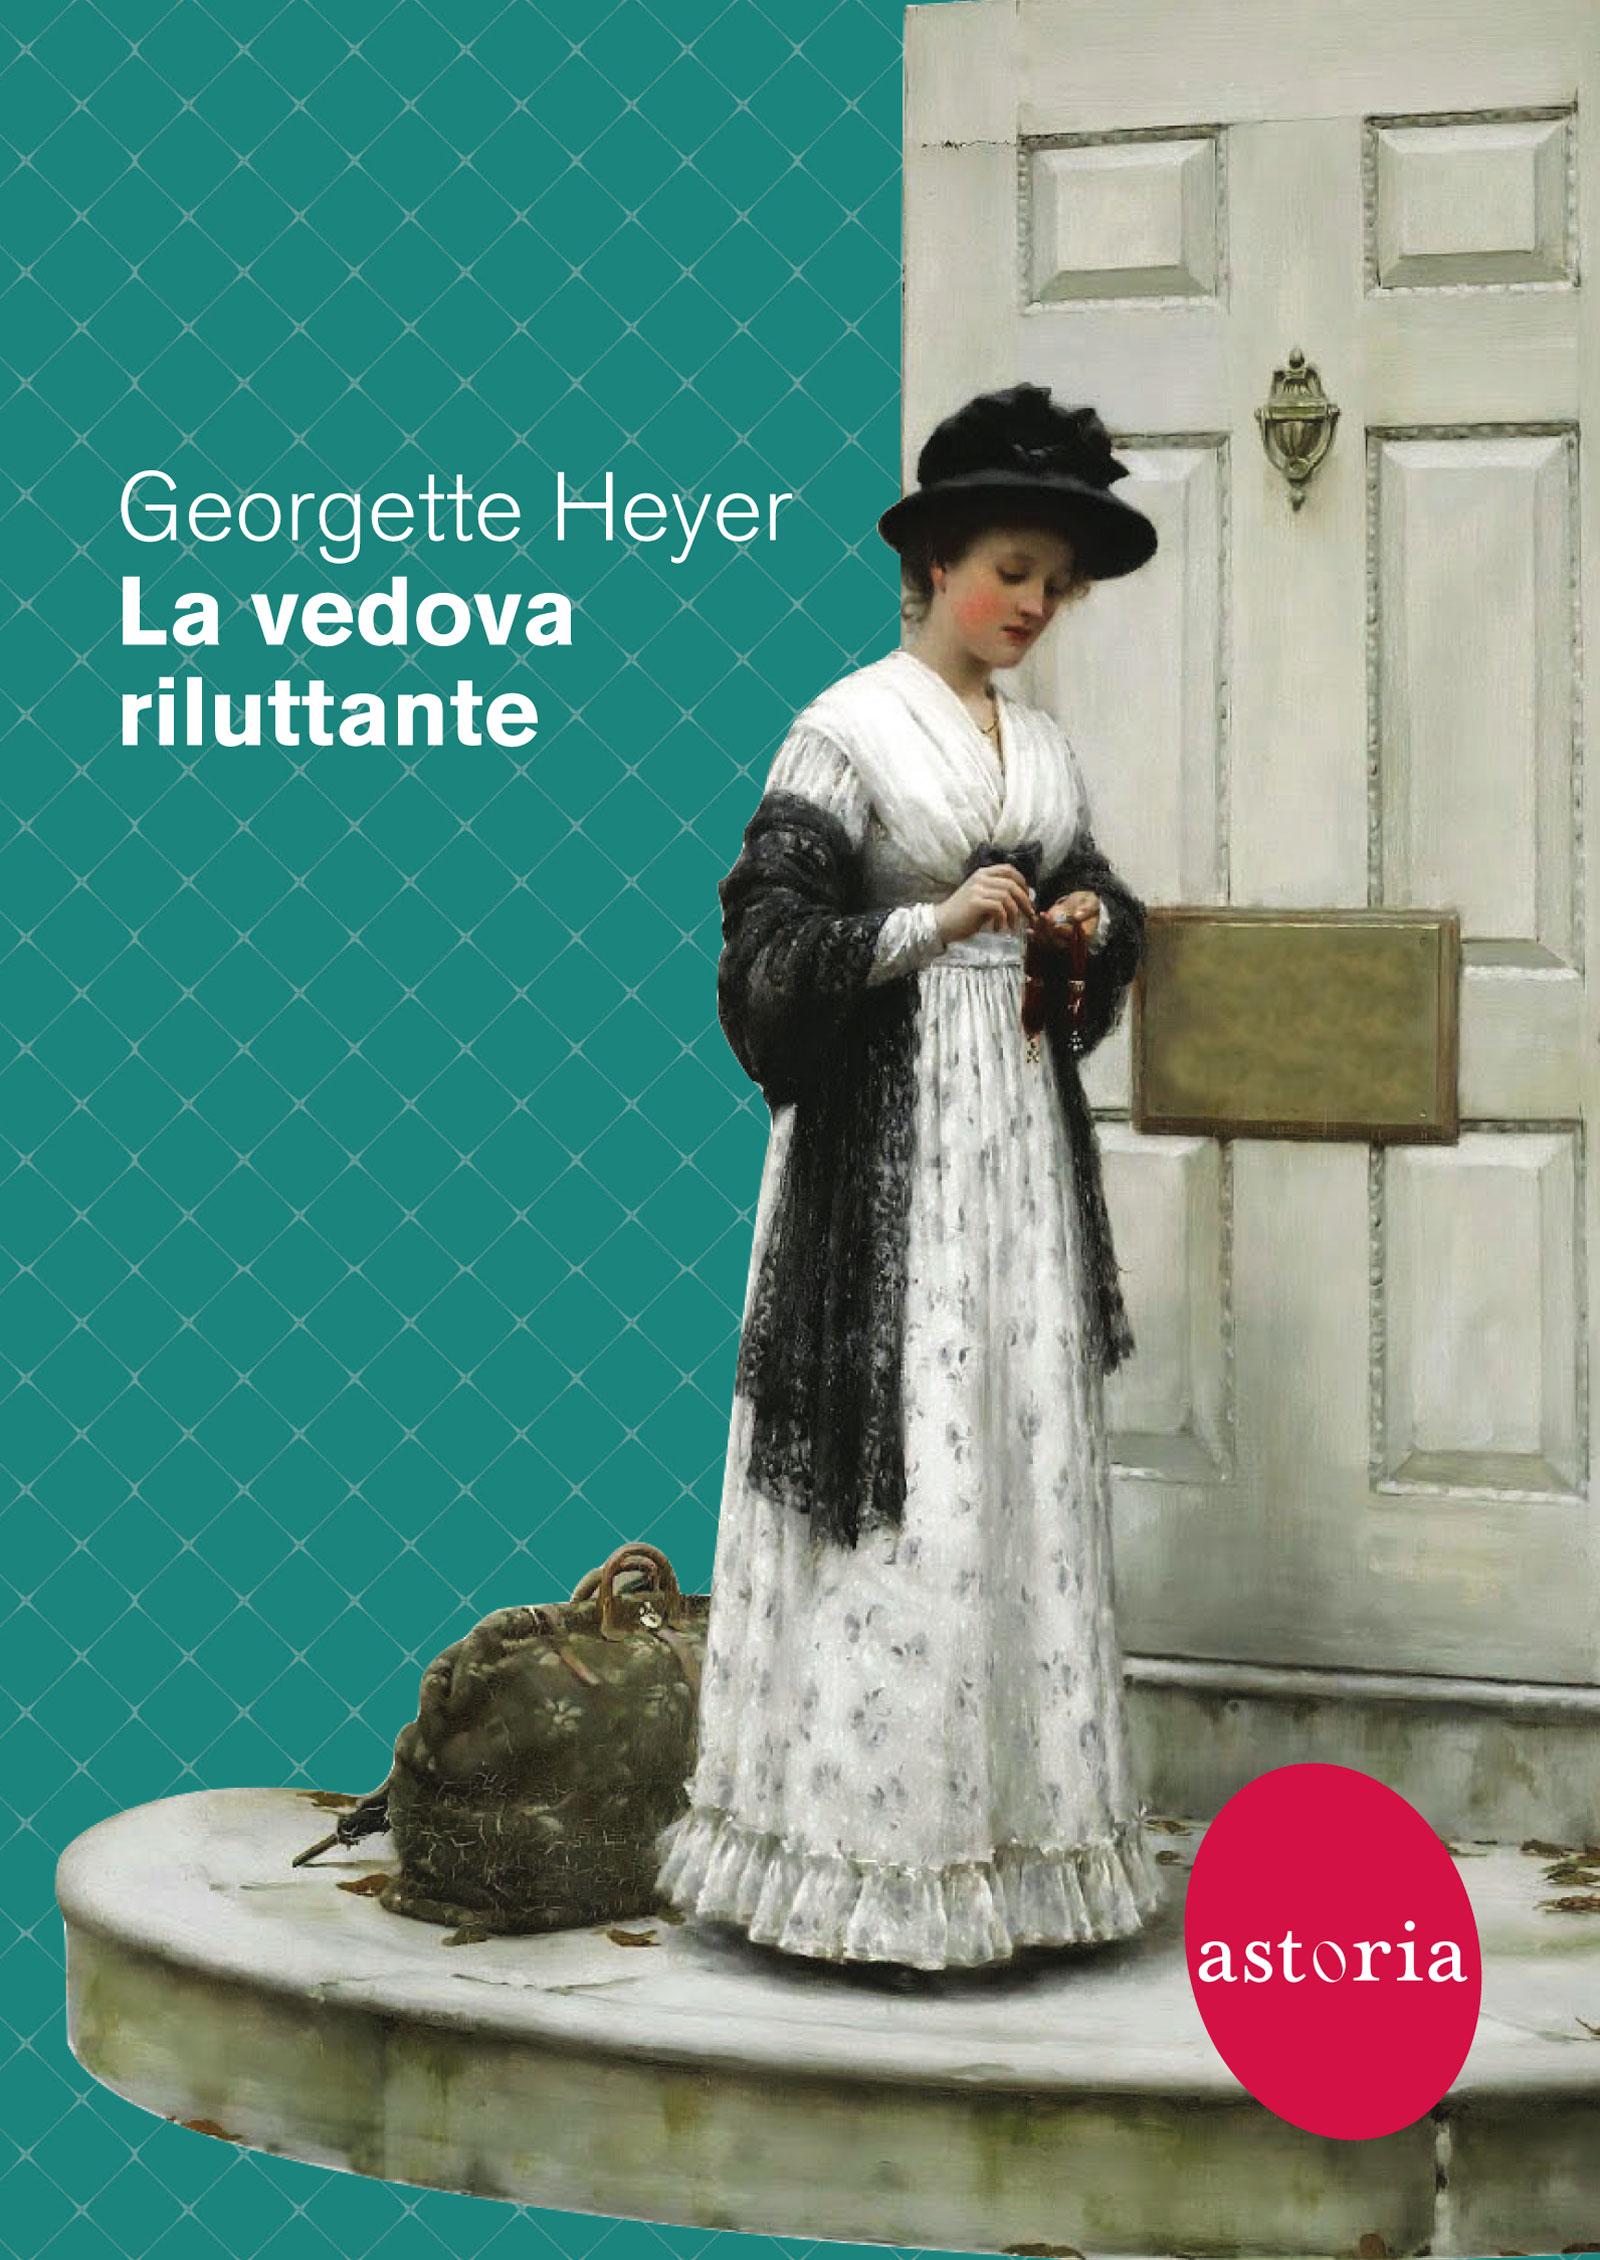 Georgette Heyer La vedova riluttante